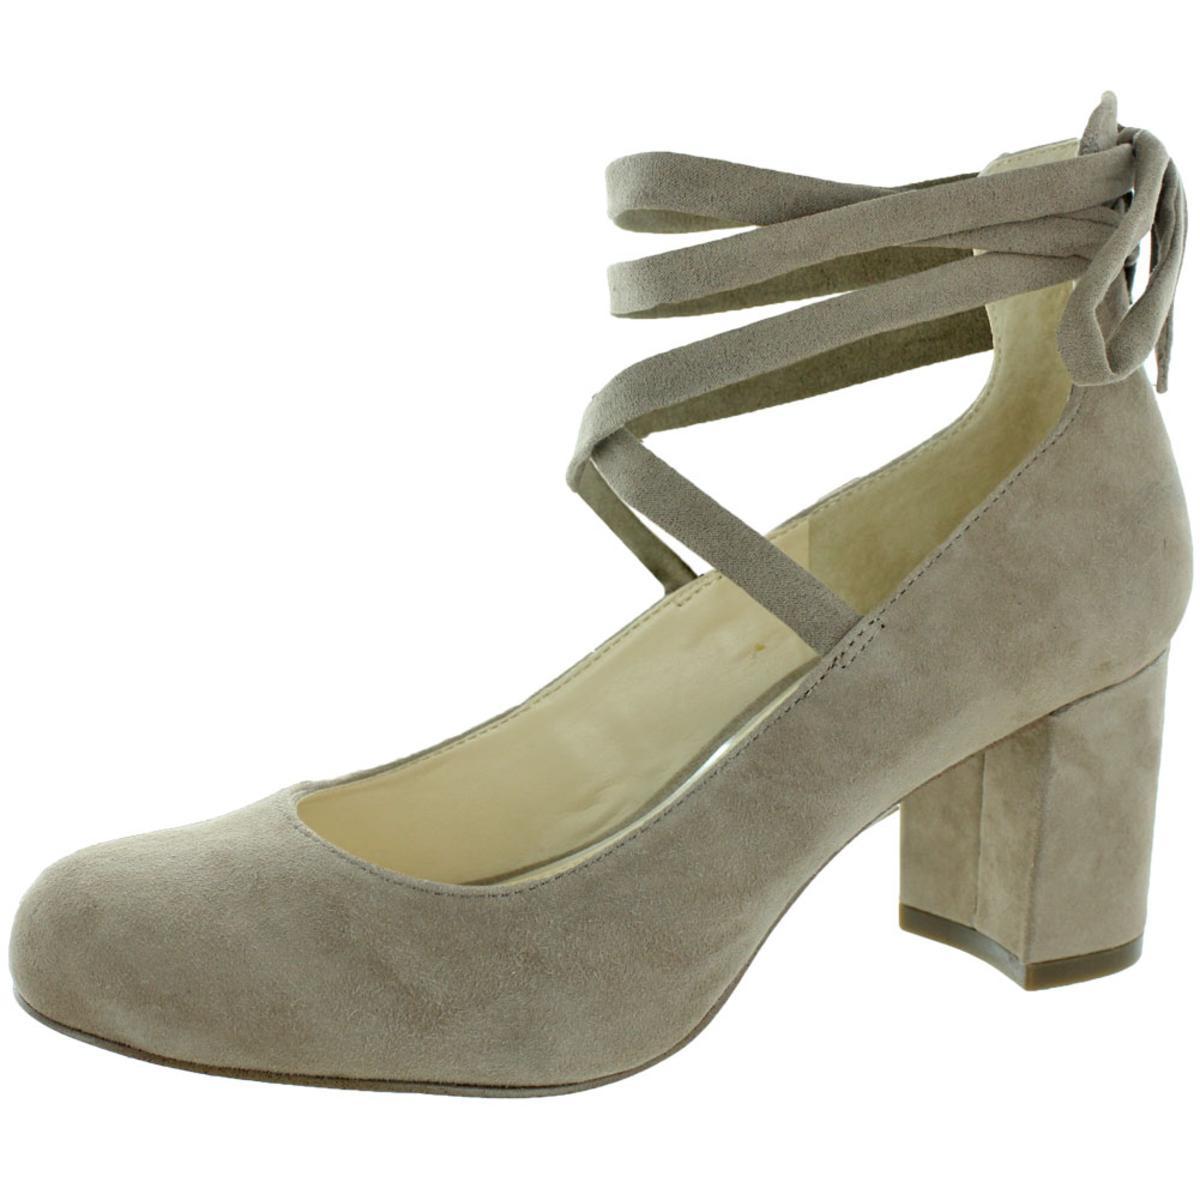 Jessica Simpson Damenschuhe Venya Taupe Dress HEELS (b Schuhes 6 Medium (b HEELS M ... a8f2f5